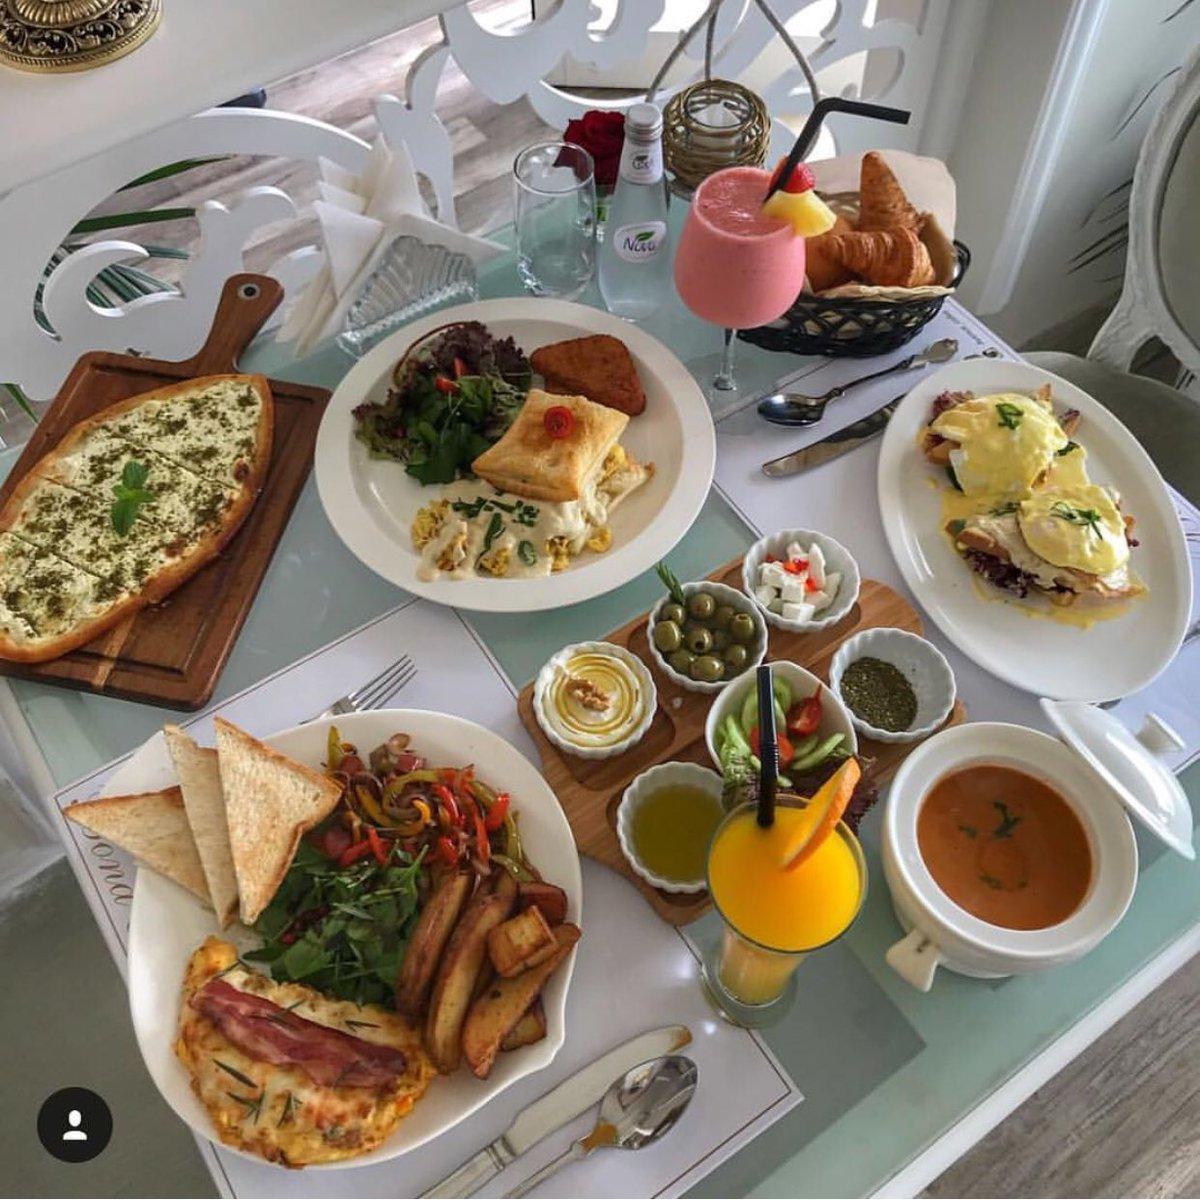 فطور الشرقية Breakfast East1 ทว ตเตอร